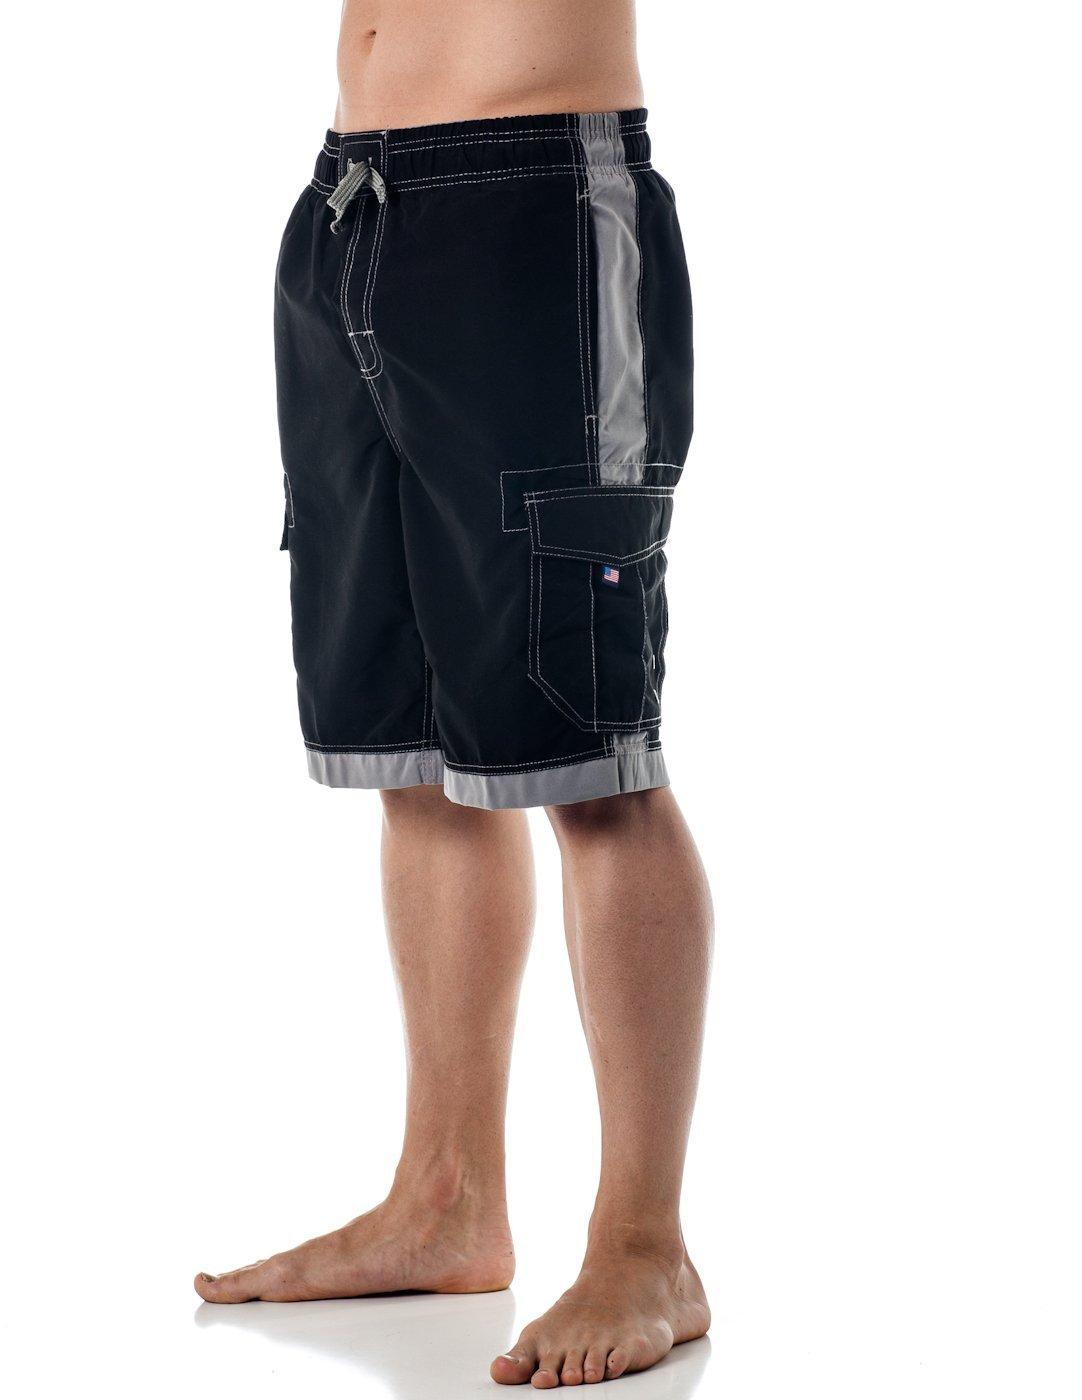 Alki'i Men's Boardshorts - Solid Colors Team USA, Large, Black